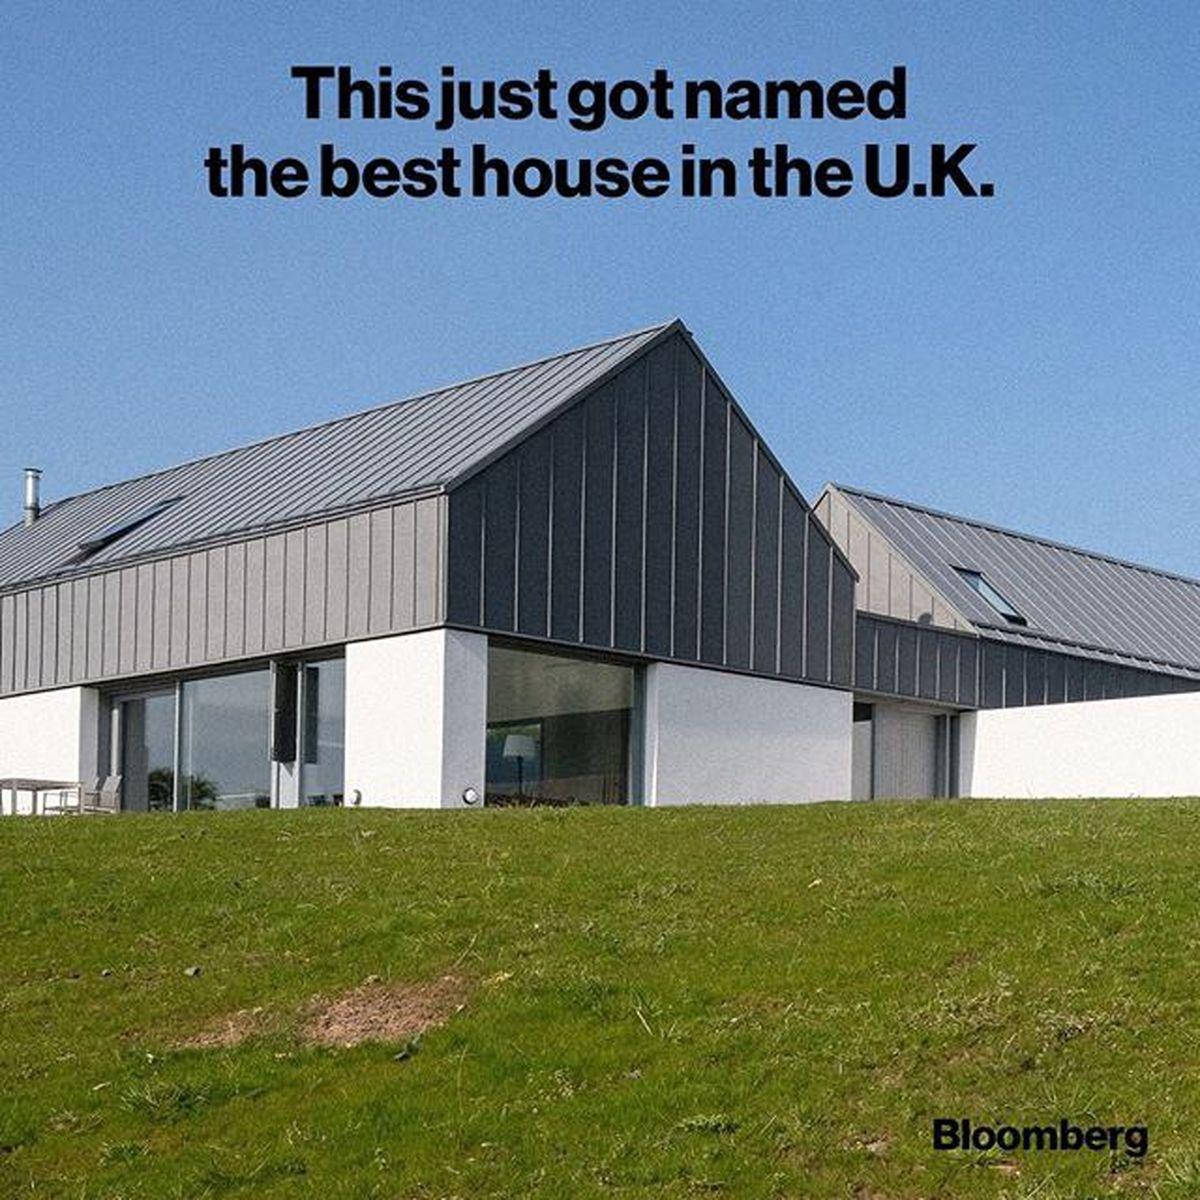 بهترین خانه بریتانیا را بشناسید